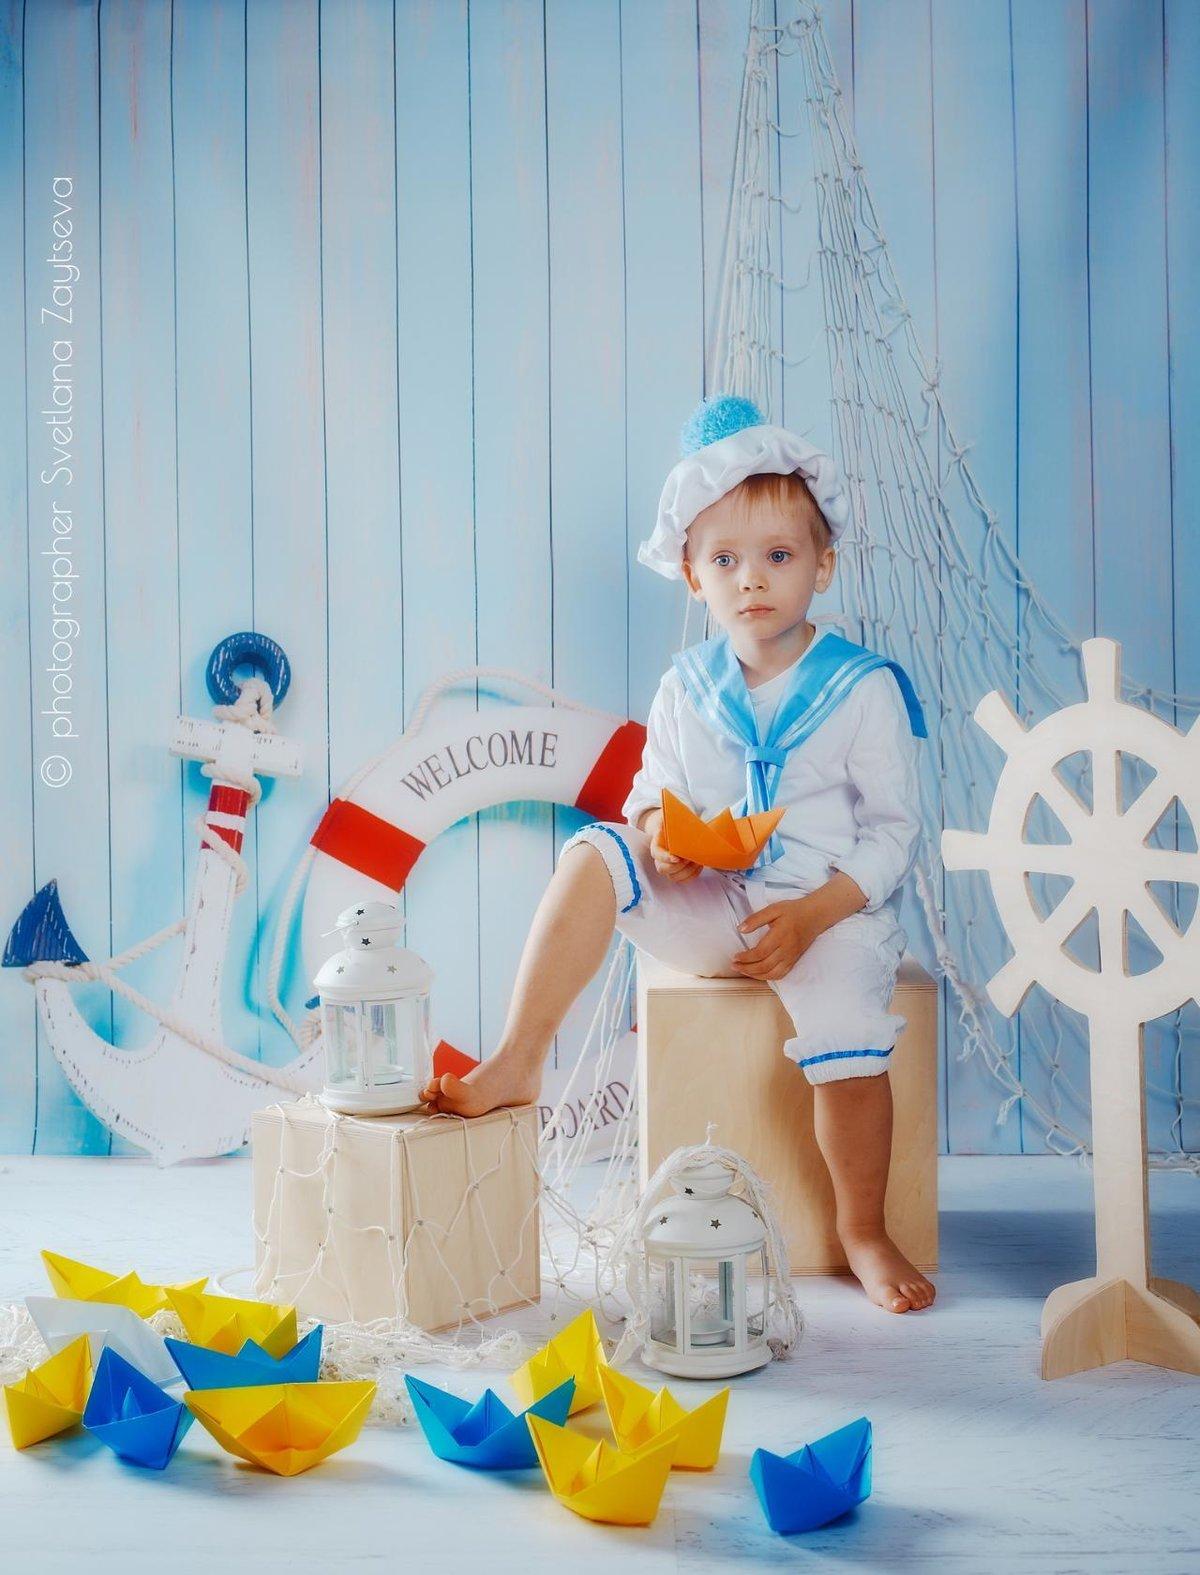 Фотосессия дет сад морская тема